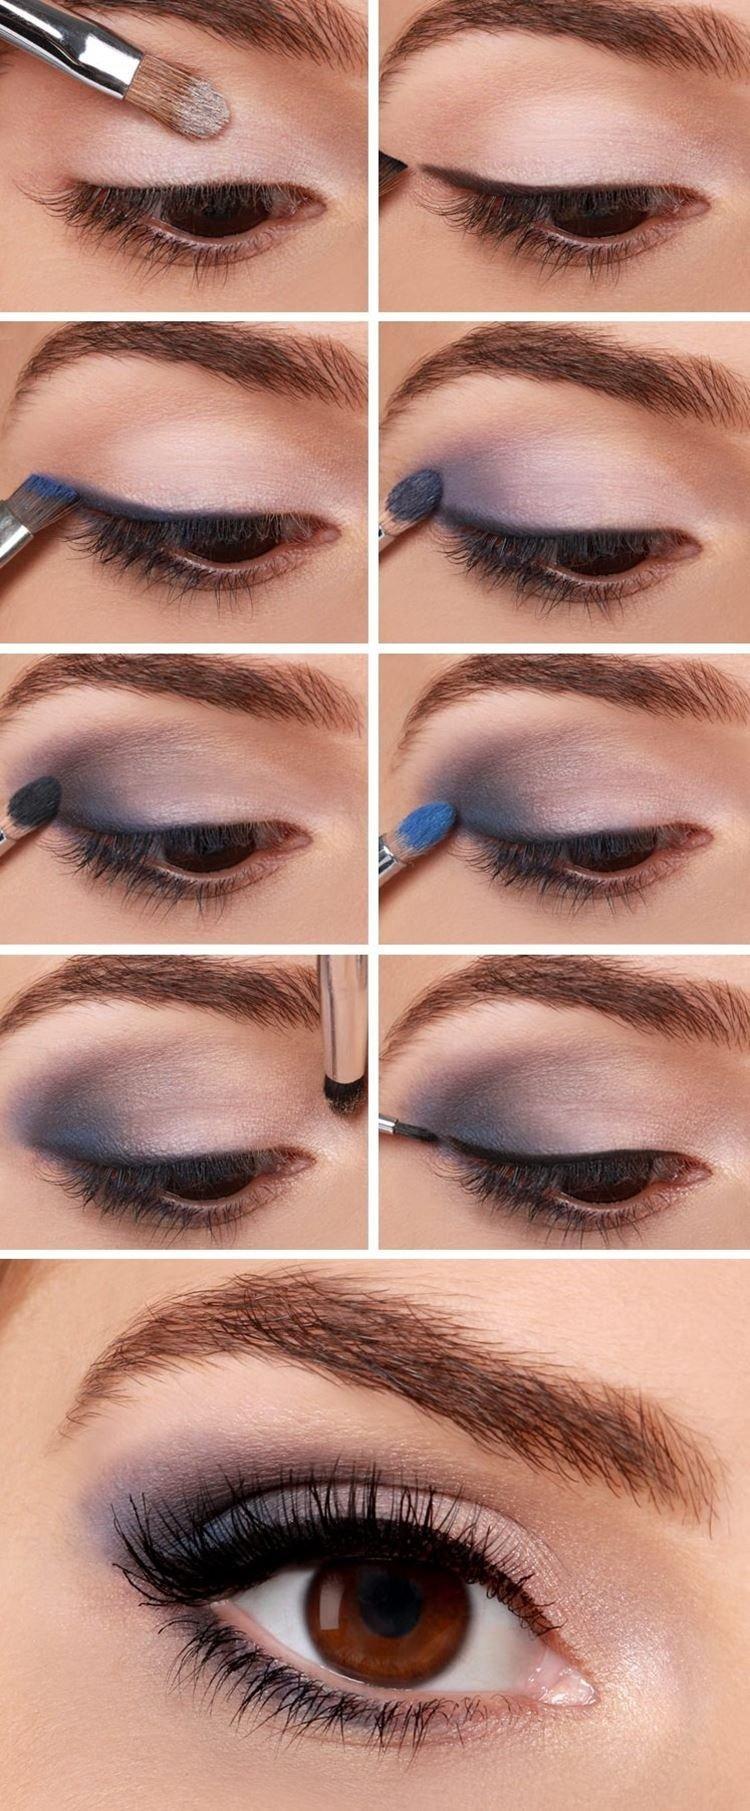 Макияж для карих глаз и рыжих волос